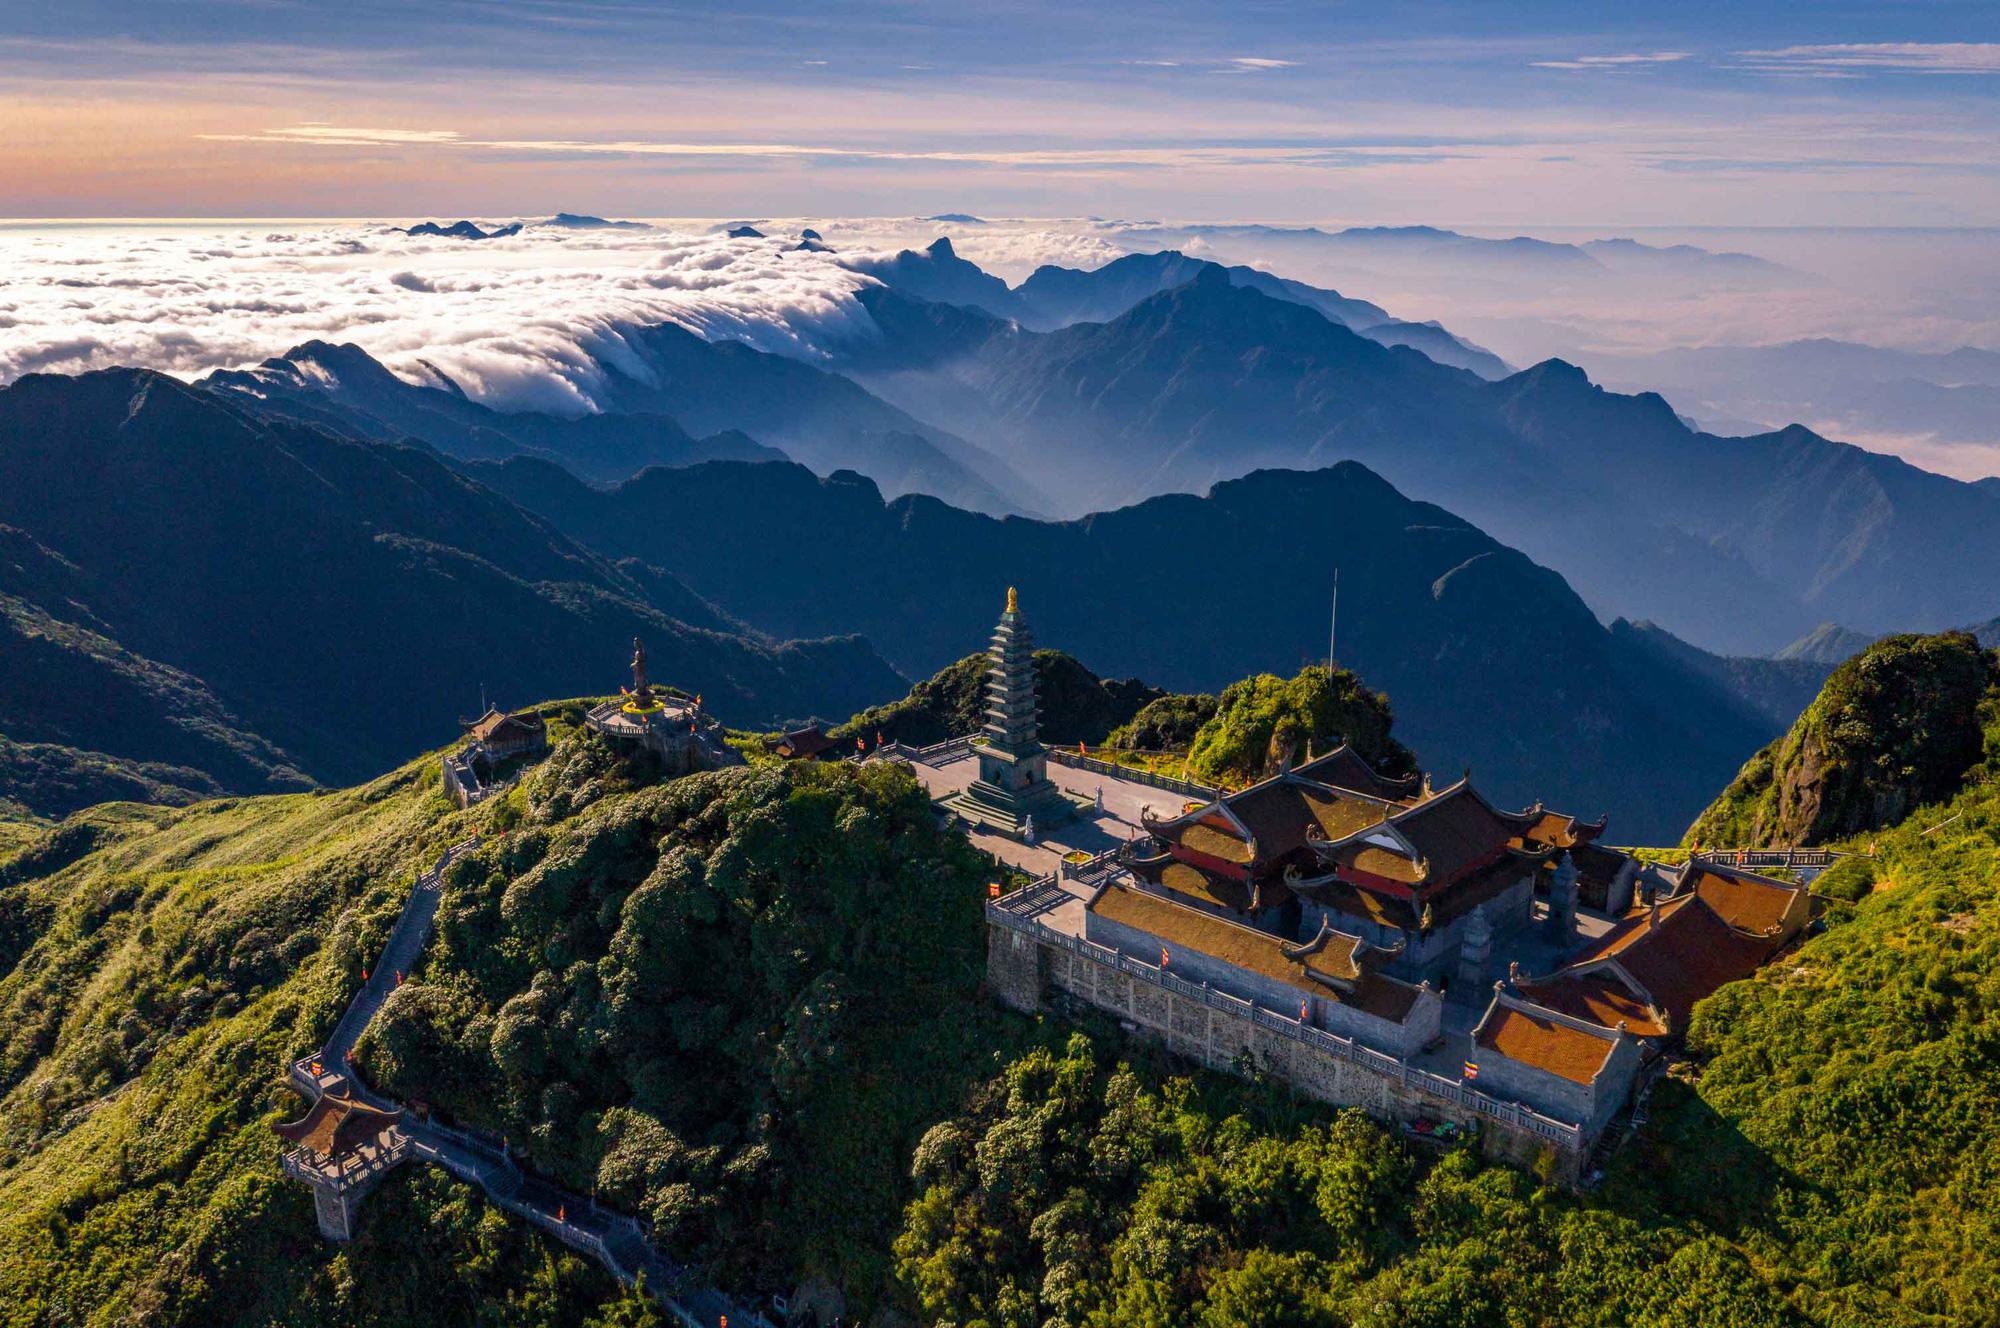 """Đầu tư hạ tầng xứng tầm: """"Át chủ bài"""" giúp du lịch Việt không ngừng thăng hạng - Ảnh 1."""